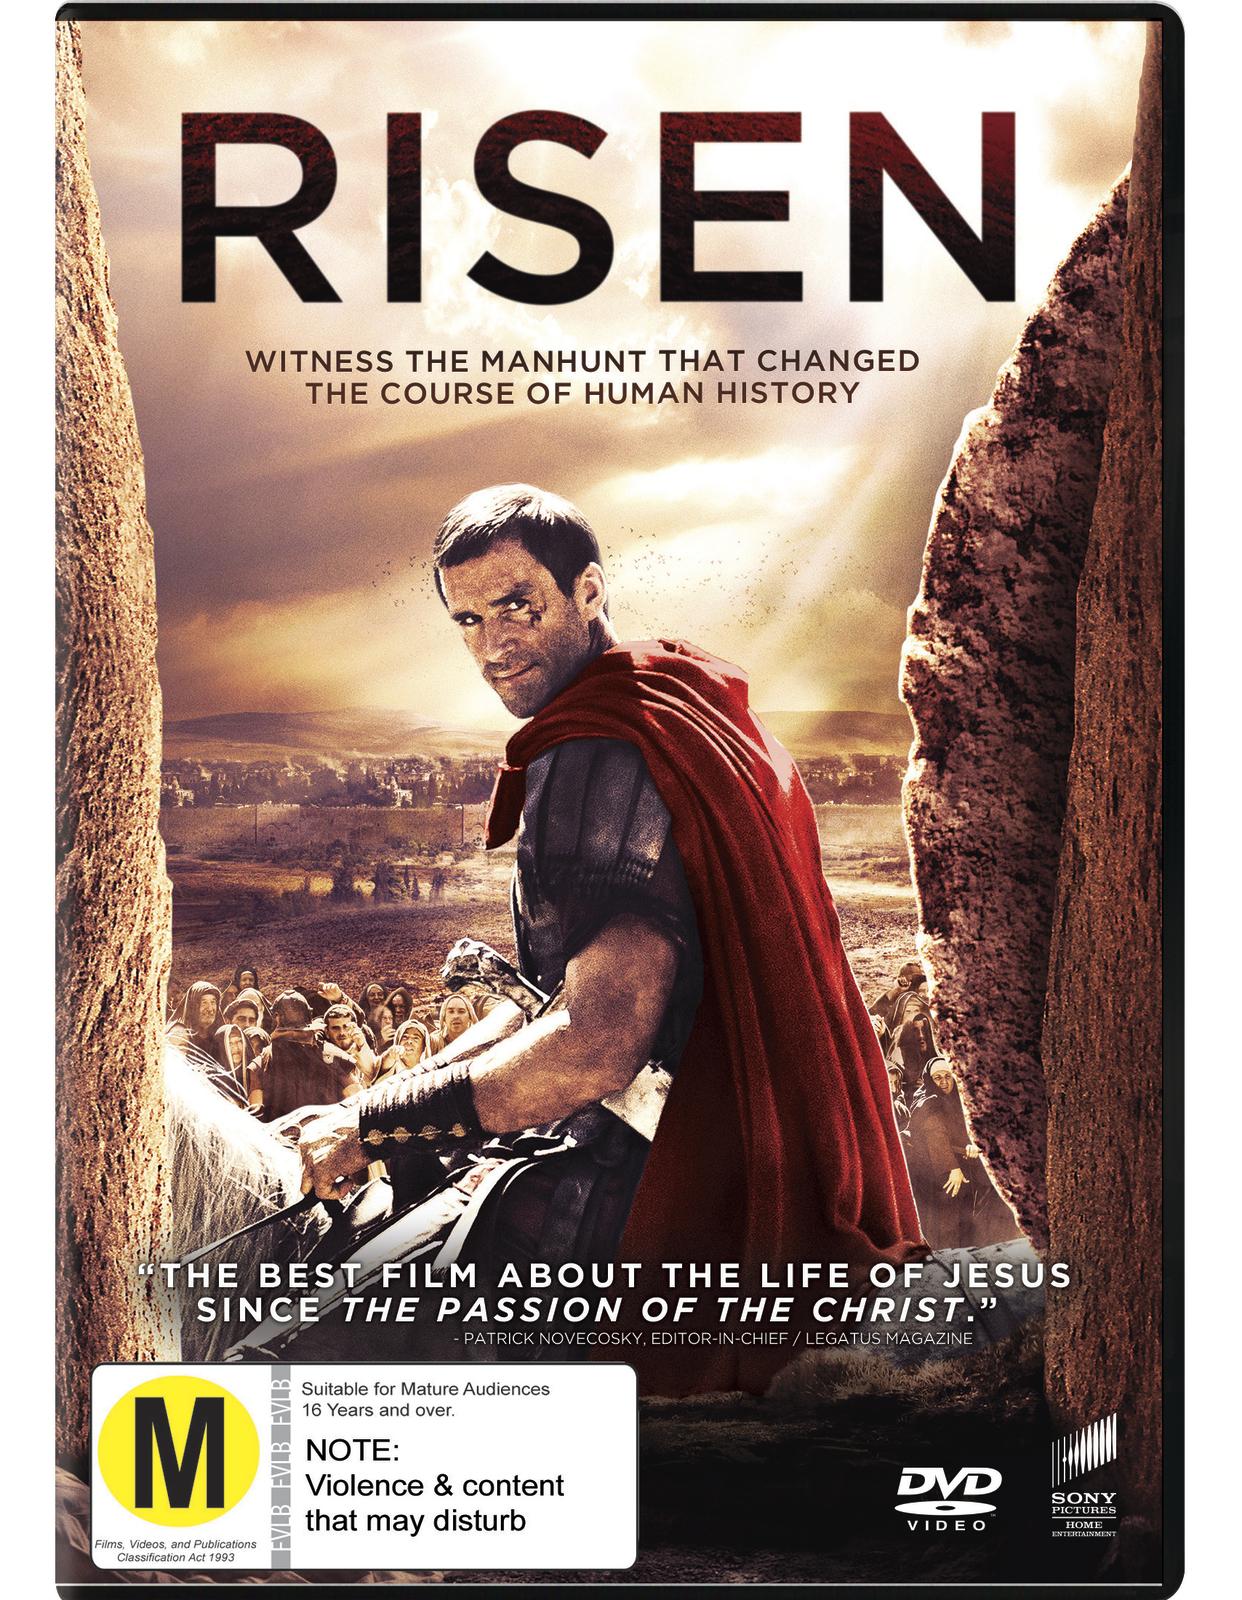 Risen on DVD image